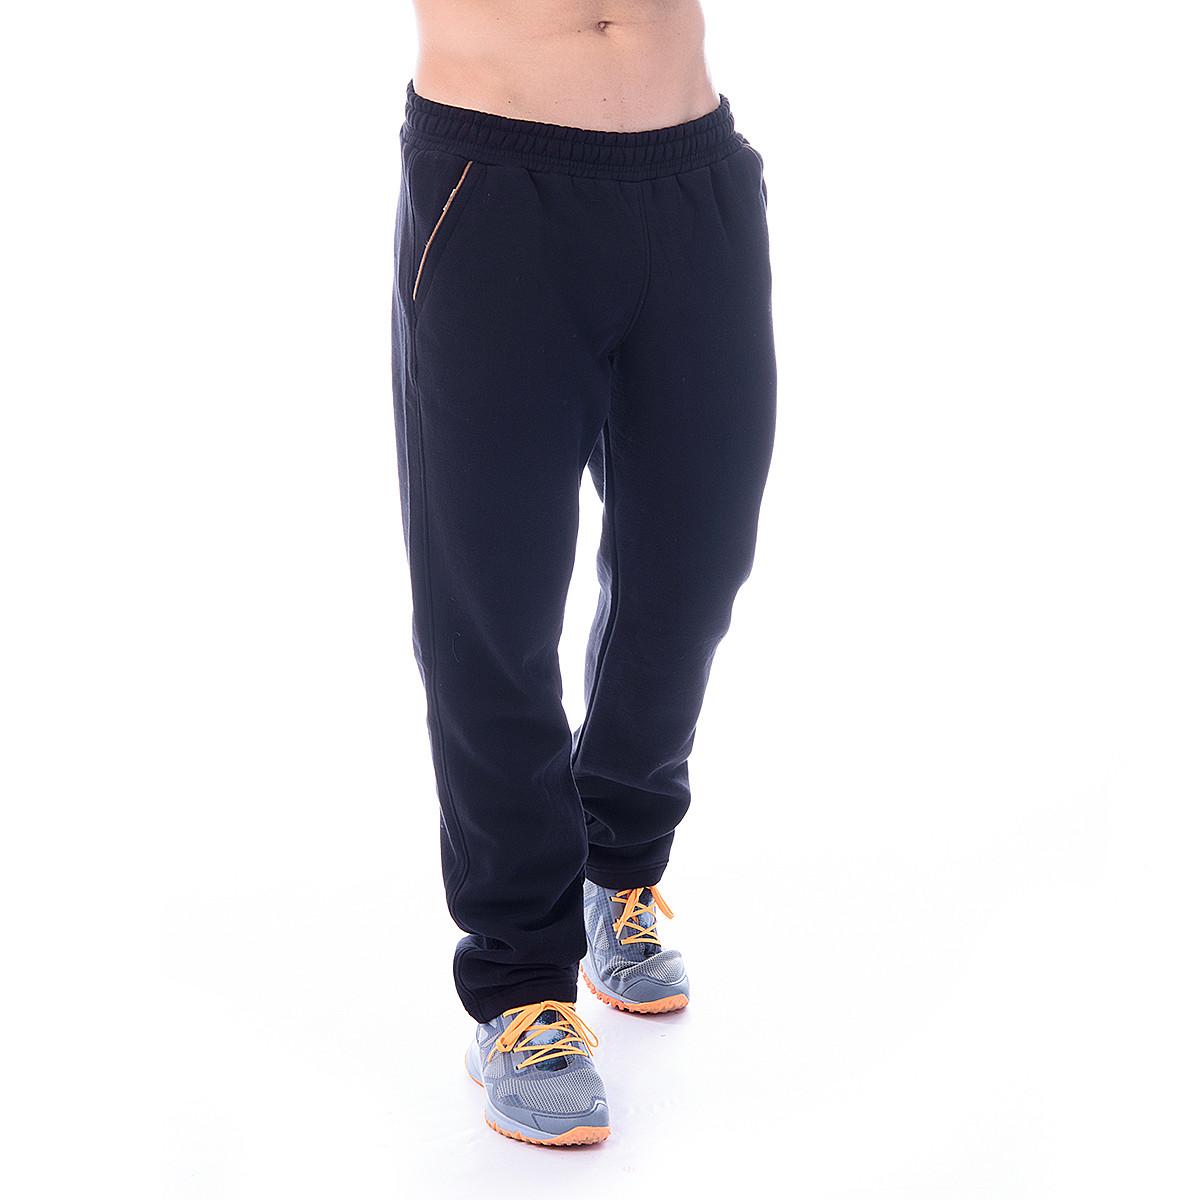 Теплые мужские брюки трехнитка тм. PIYERA №5001